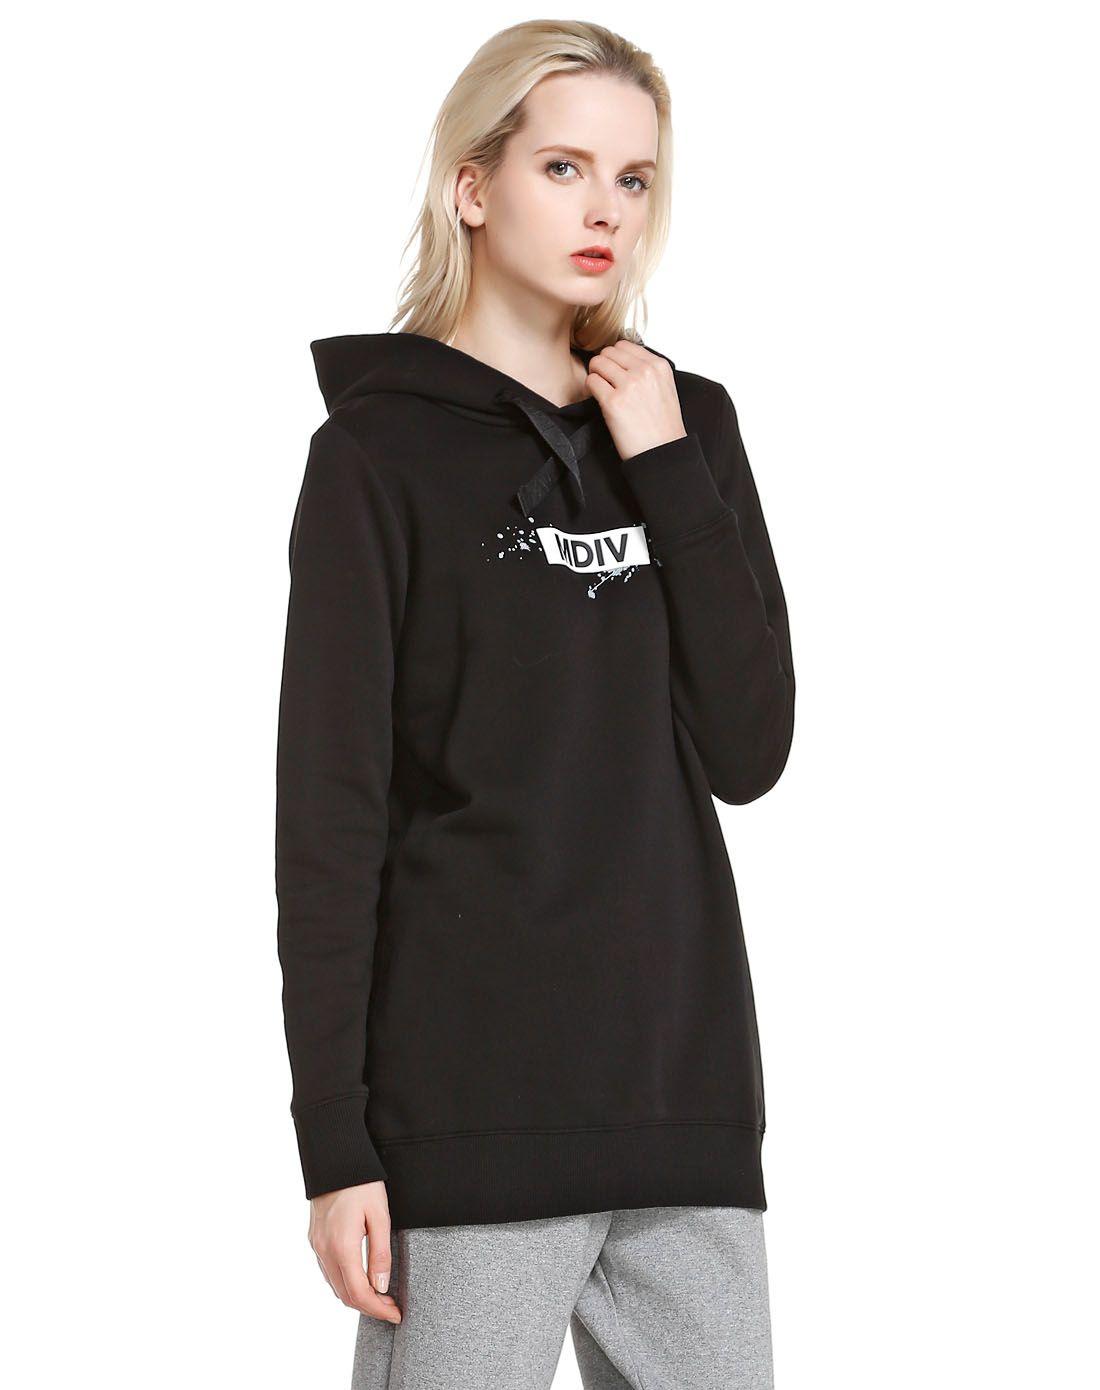 女卫衣套装品牌_女款休闲卫衣厚韩版质量比较好 网上专卖